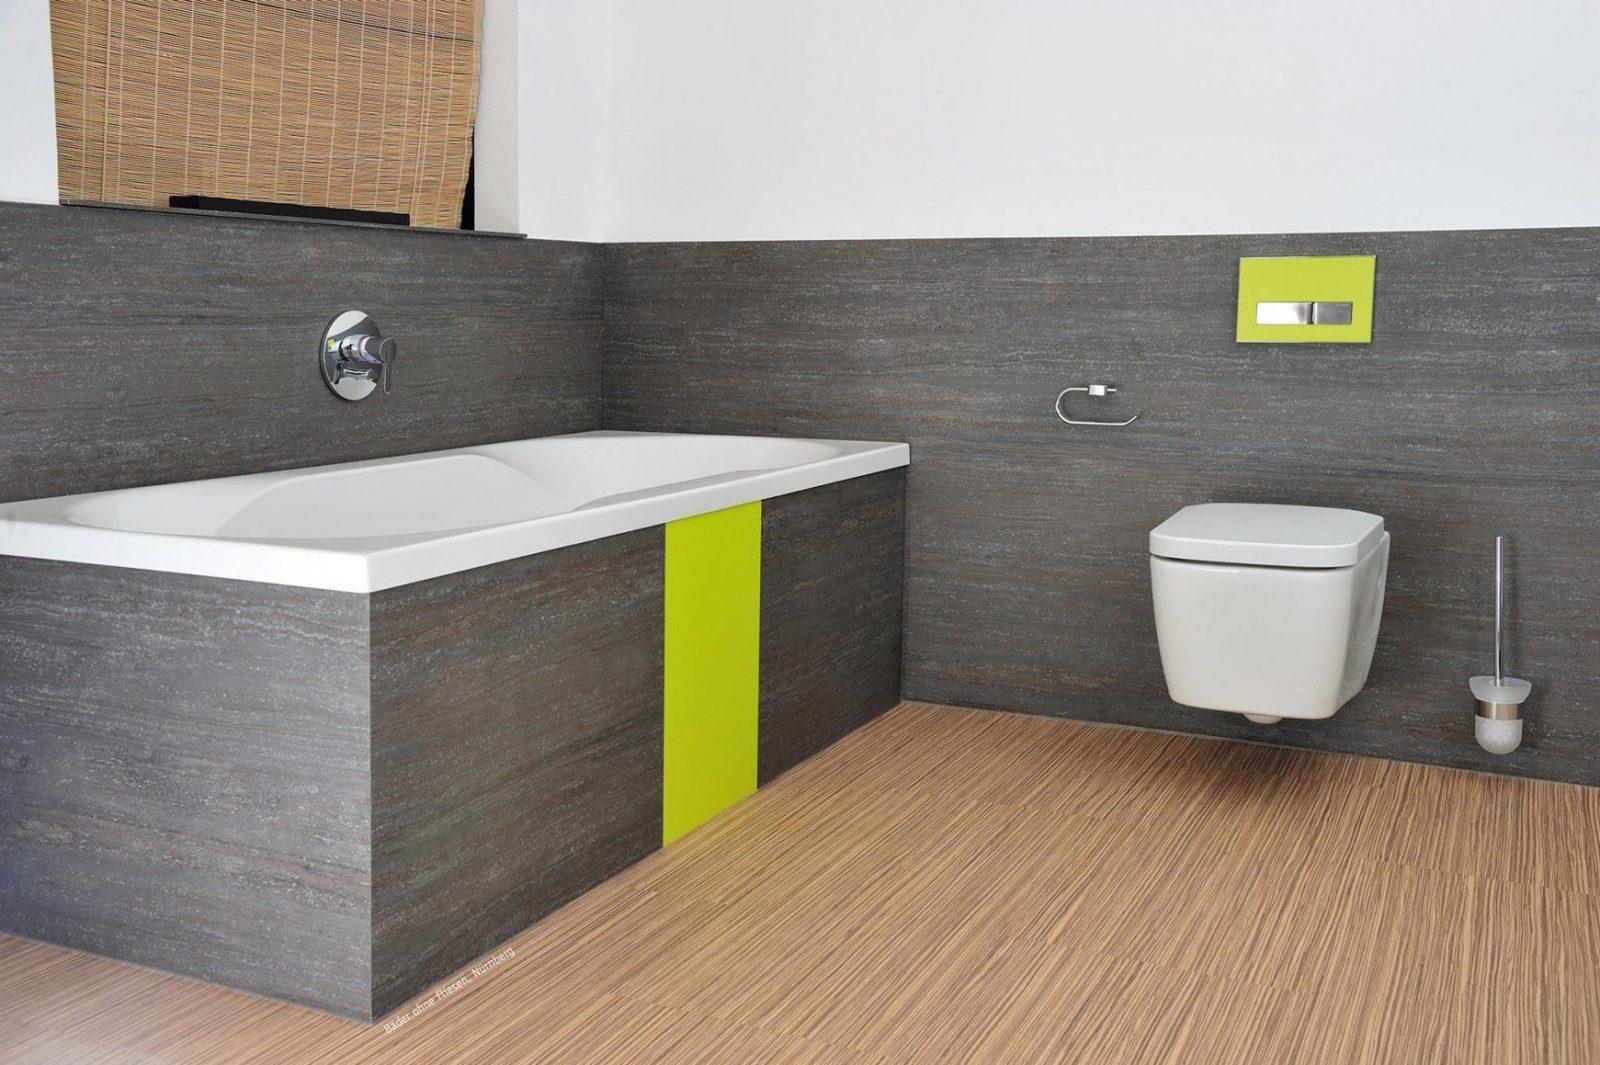 wandverkleidung bad ohne fliesen haus design ideen. Black Bedroom Furniture Sets. Home Design Ideas